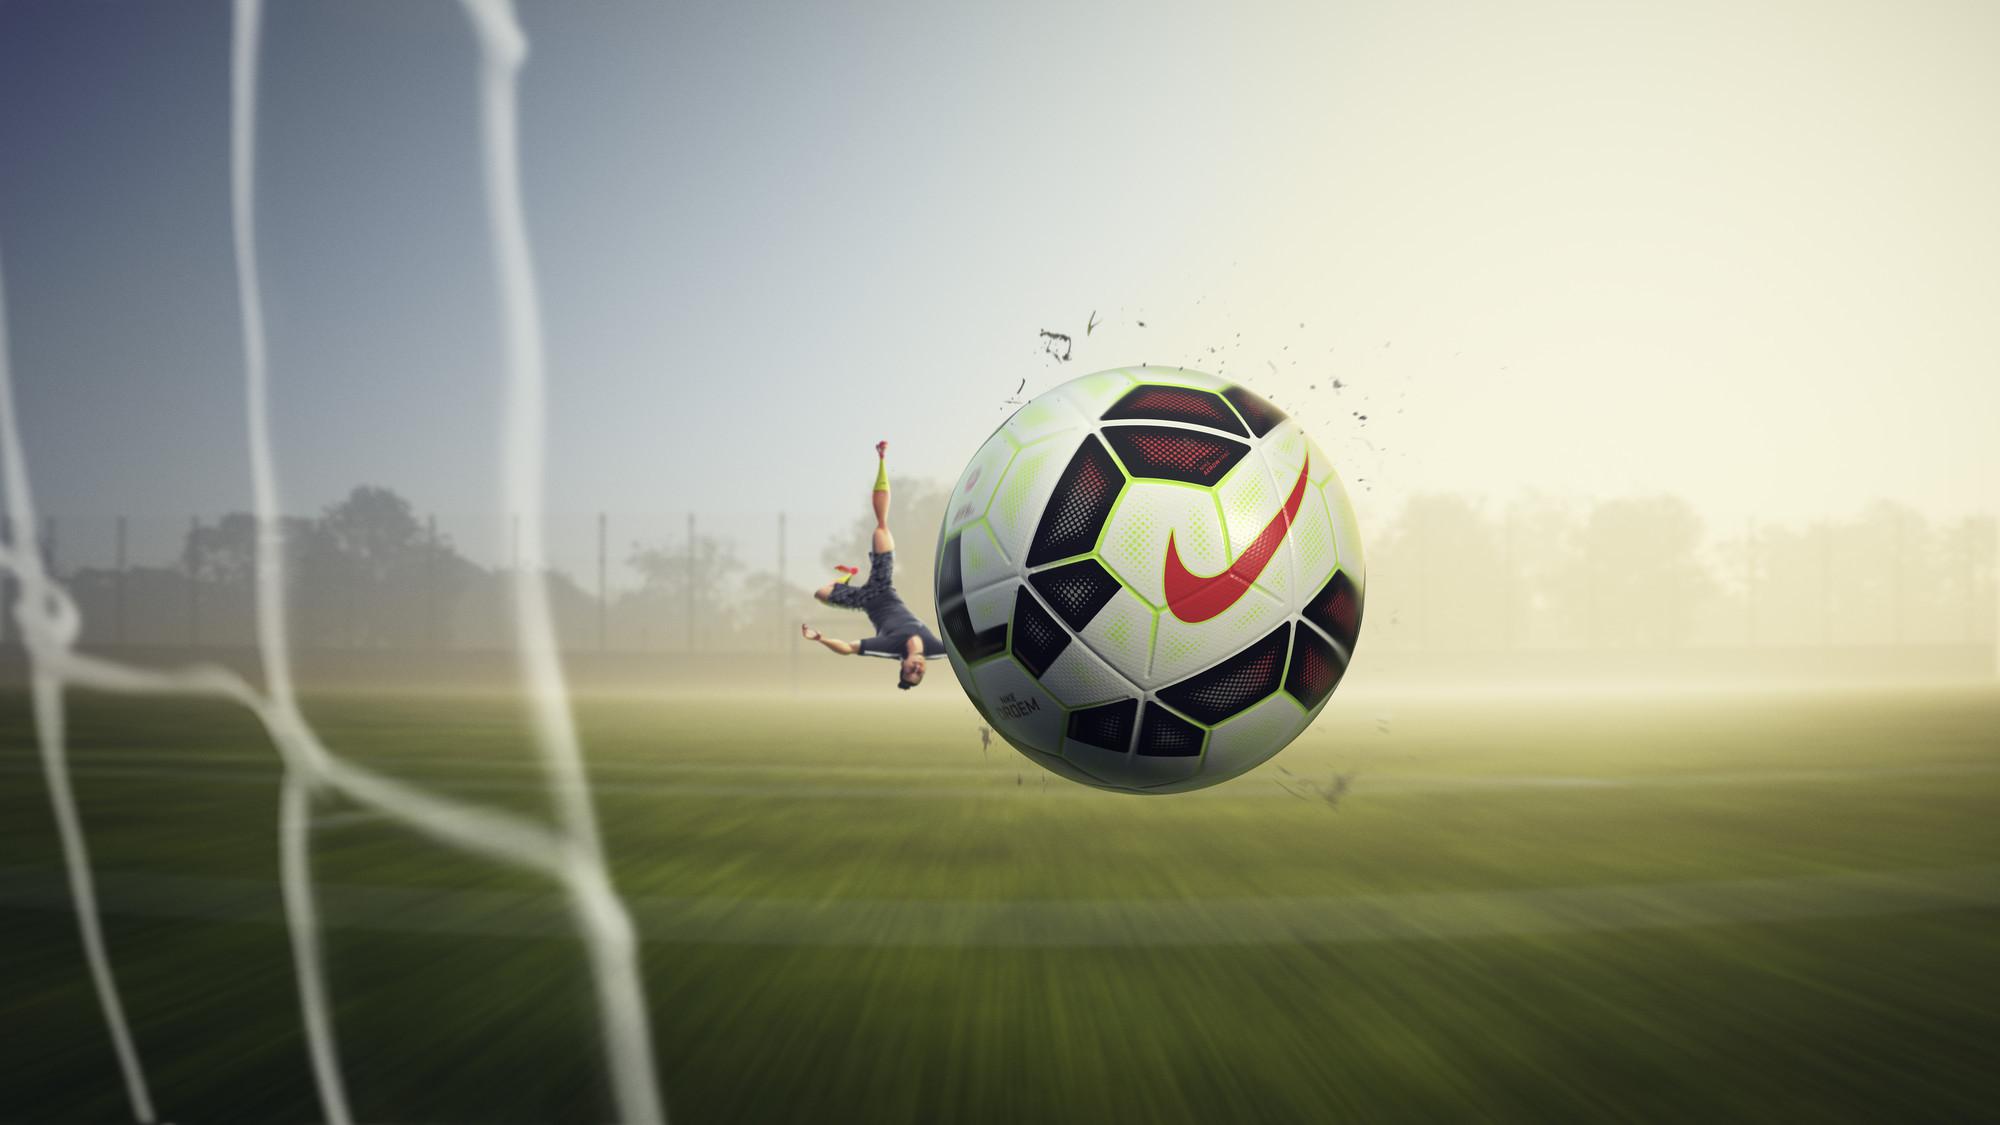 Nike Soccer Wallpaper For Desktop